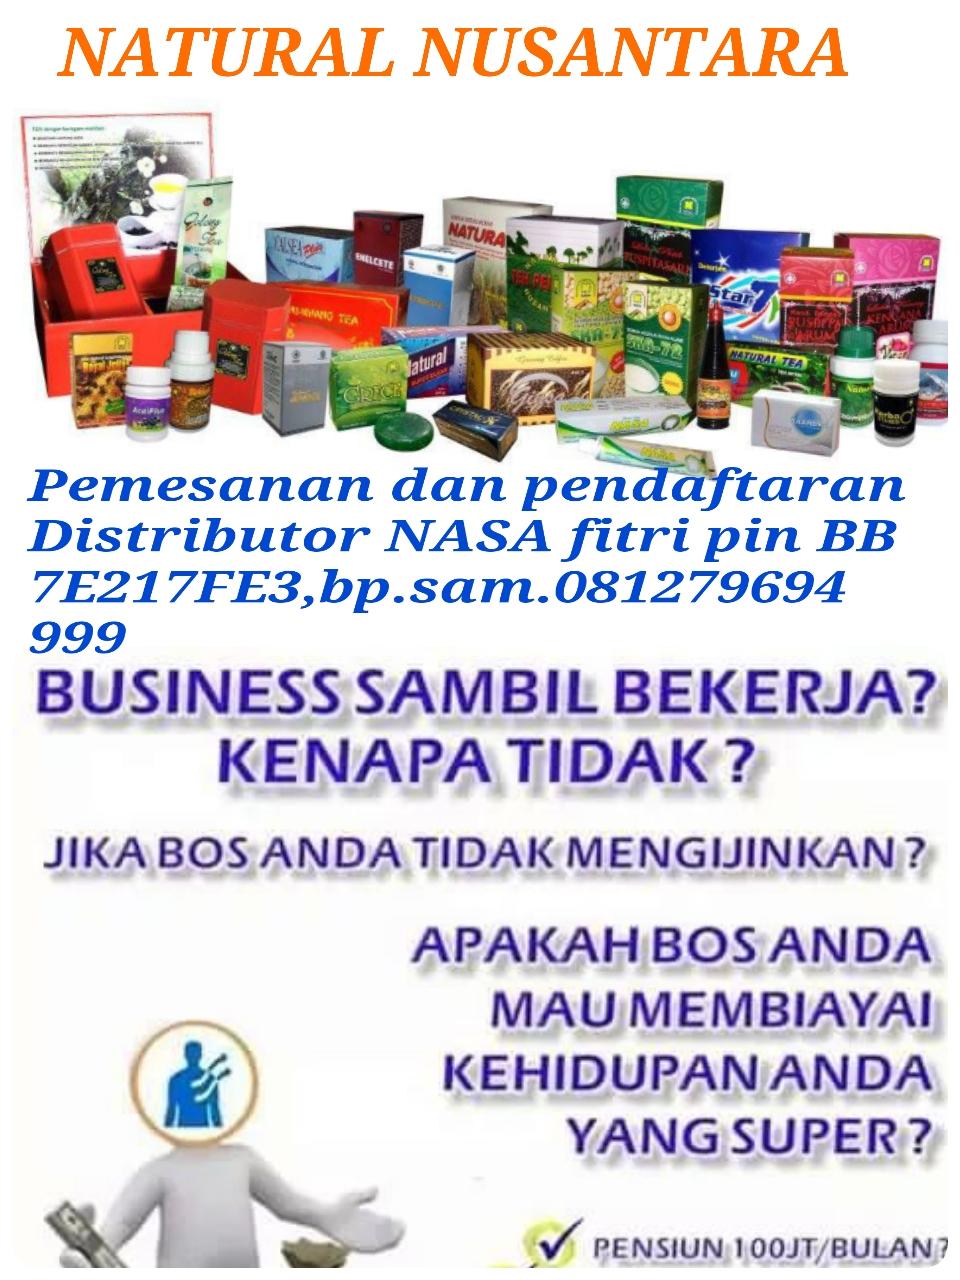 Tokocantikjana Pemesanan Pin Bb 7e217fe3 Wa081373969820 Penan Distributor Nasa Pendaftaran Prodak